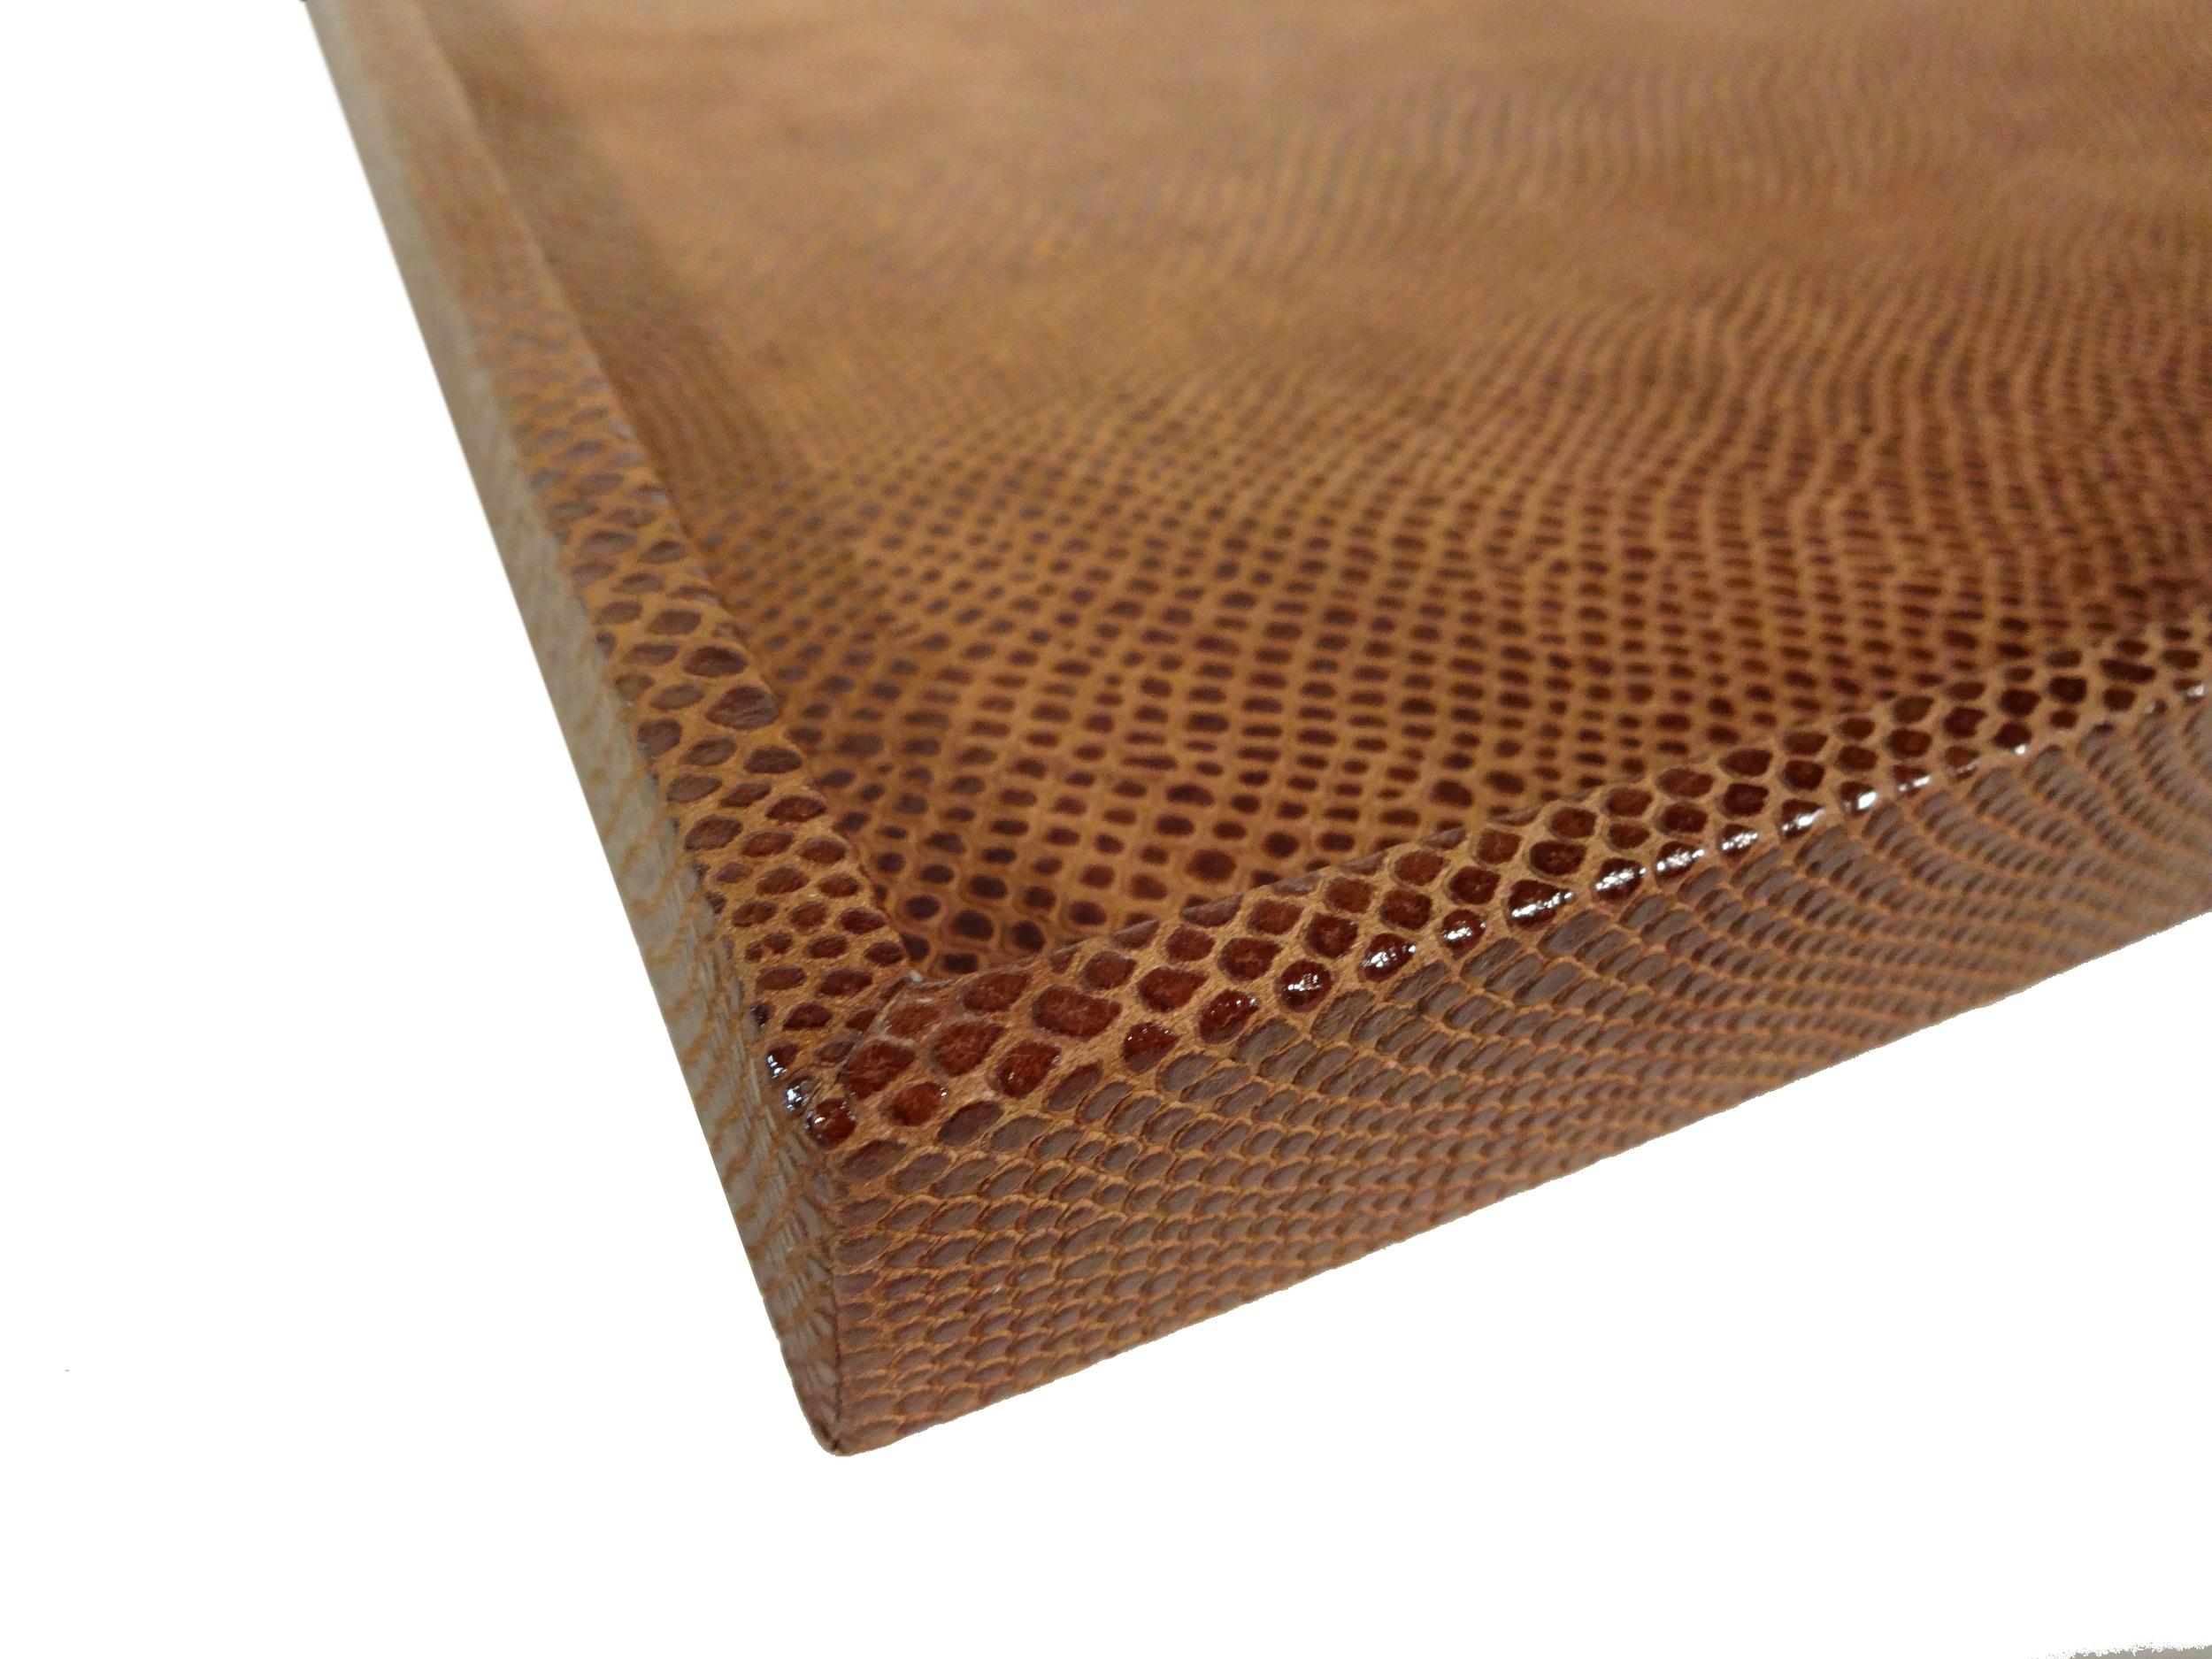 tray corrner.jpg